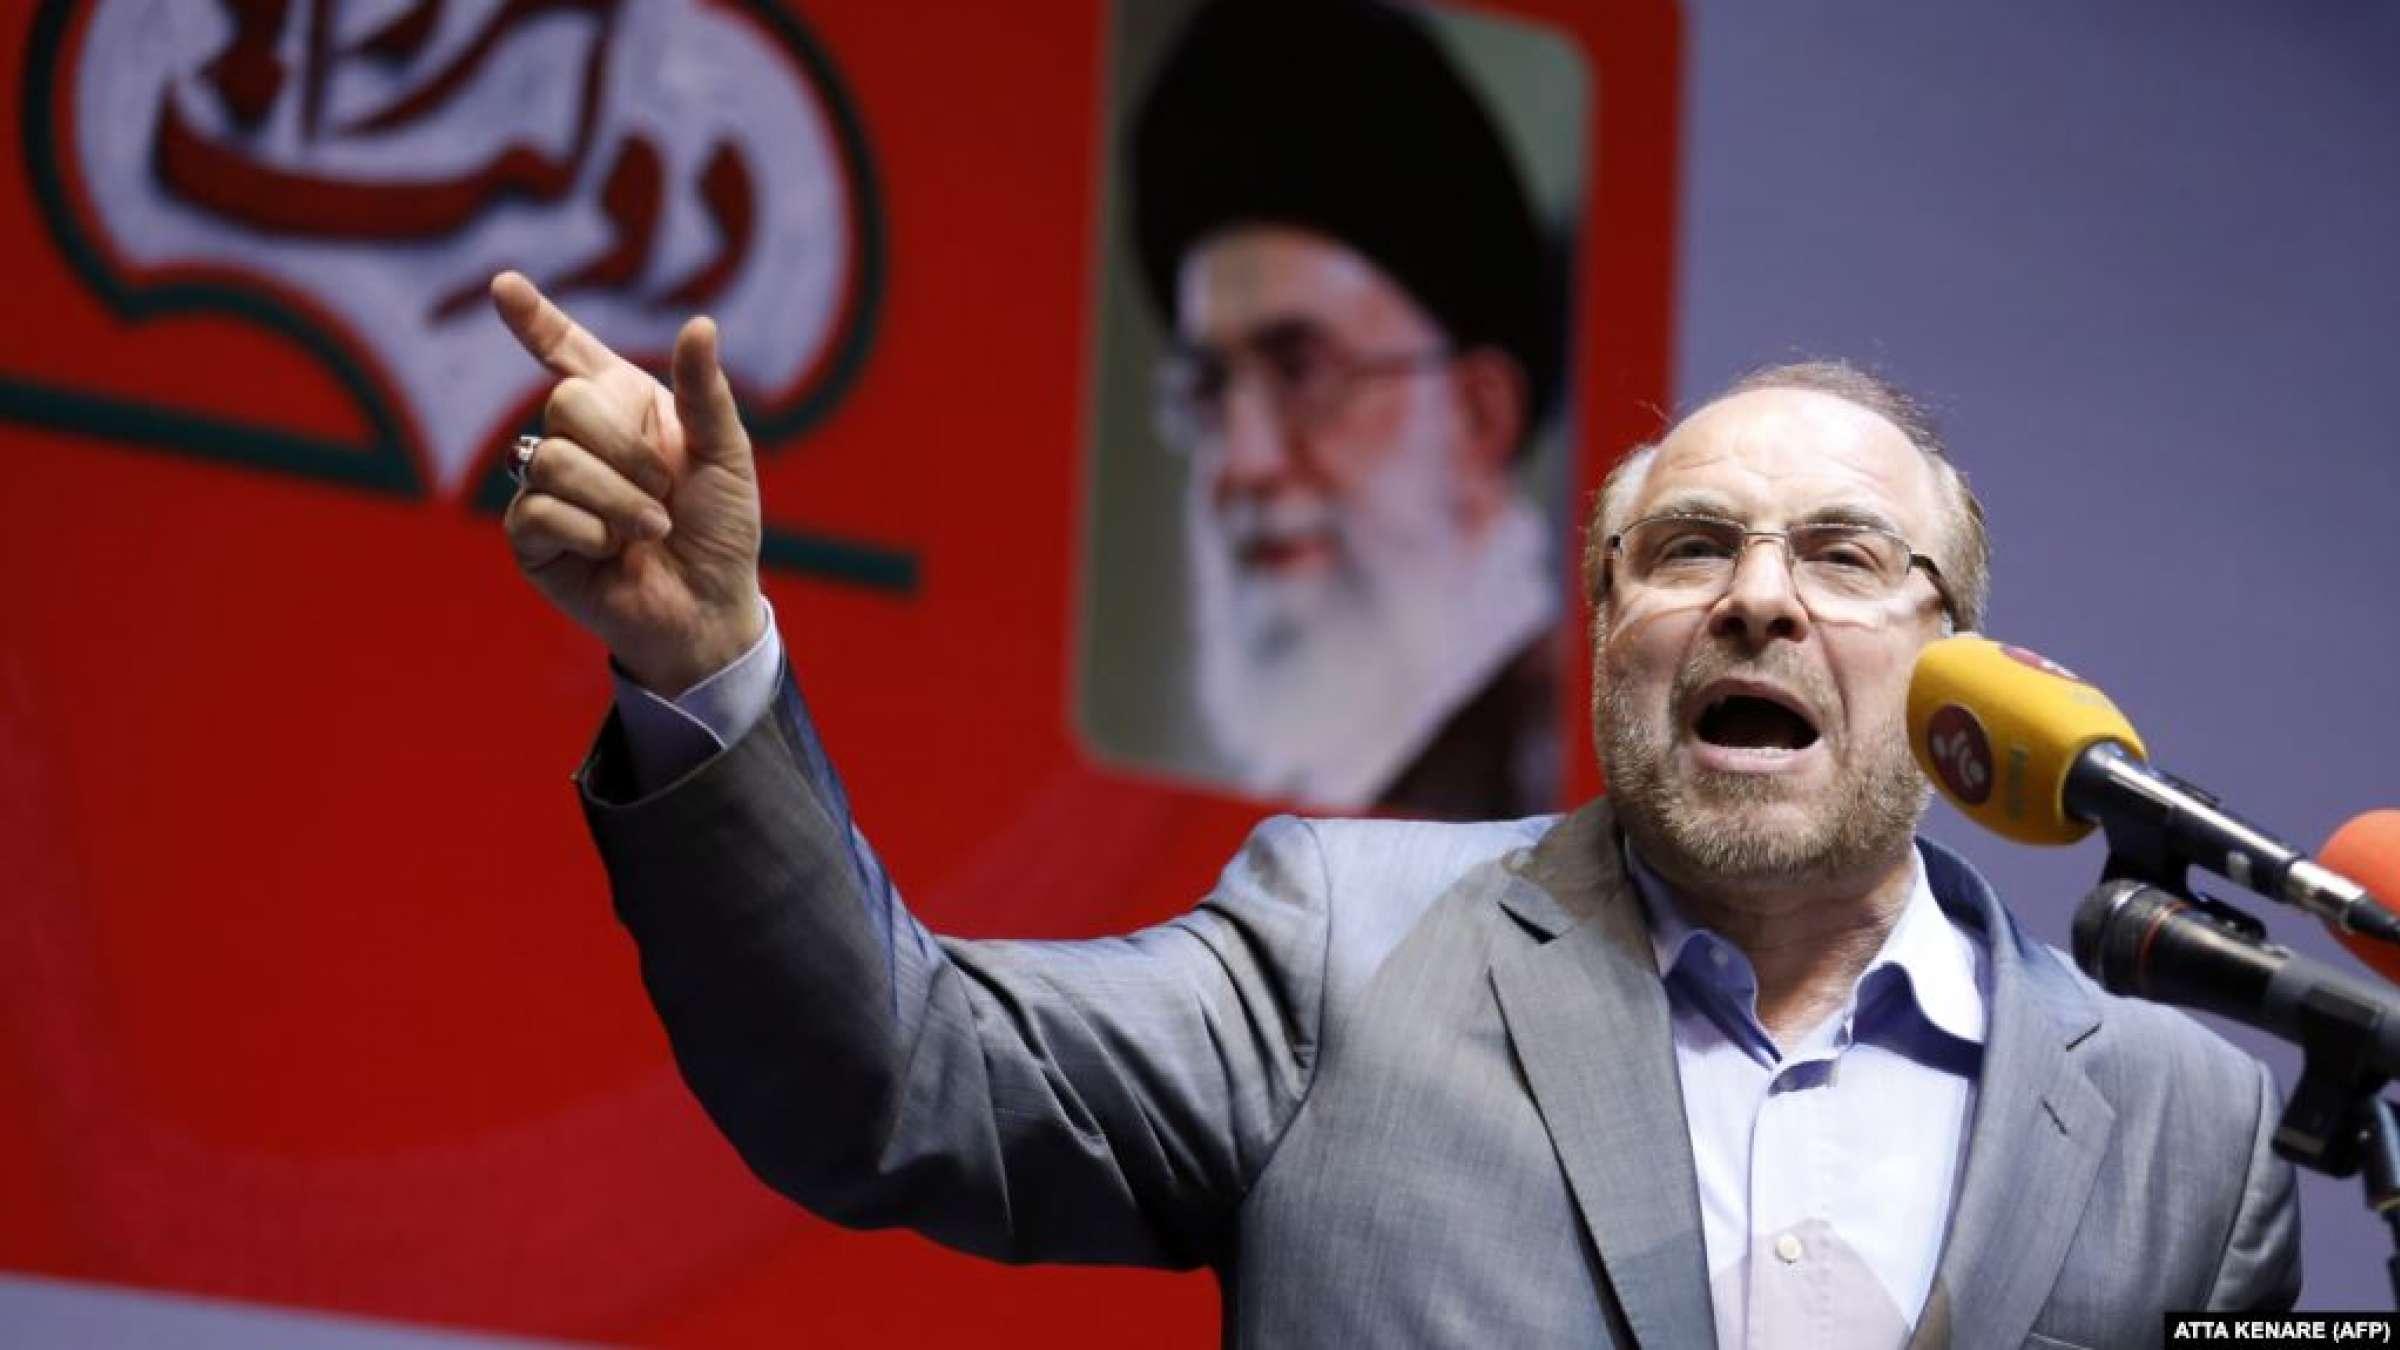 مجلس-جدید-در-ایران-با-پیشانی-سیاه-آغاز-به-کار- خواهد-کرد